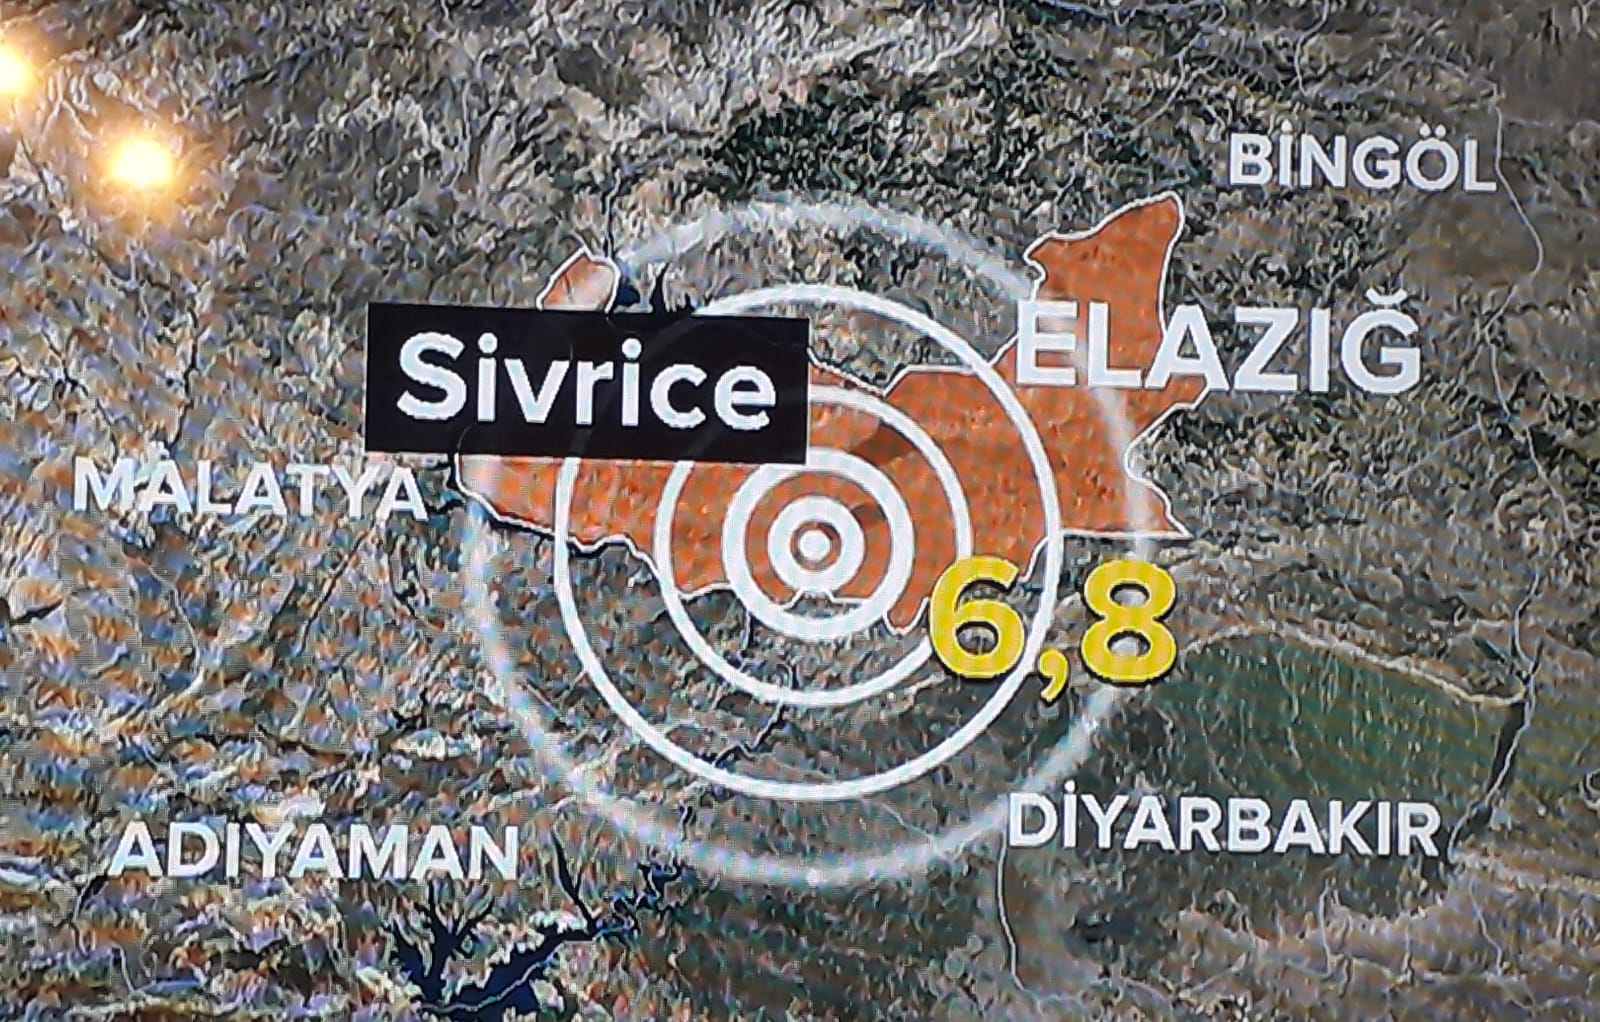 Elazığ'da meydana gelen deprem'de can kaybı